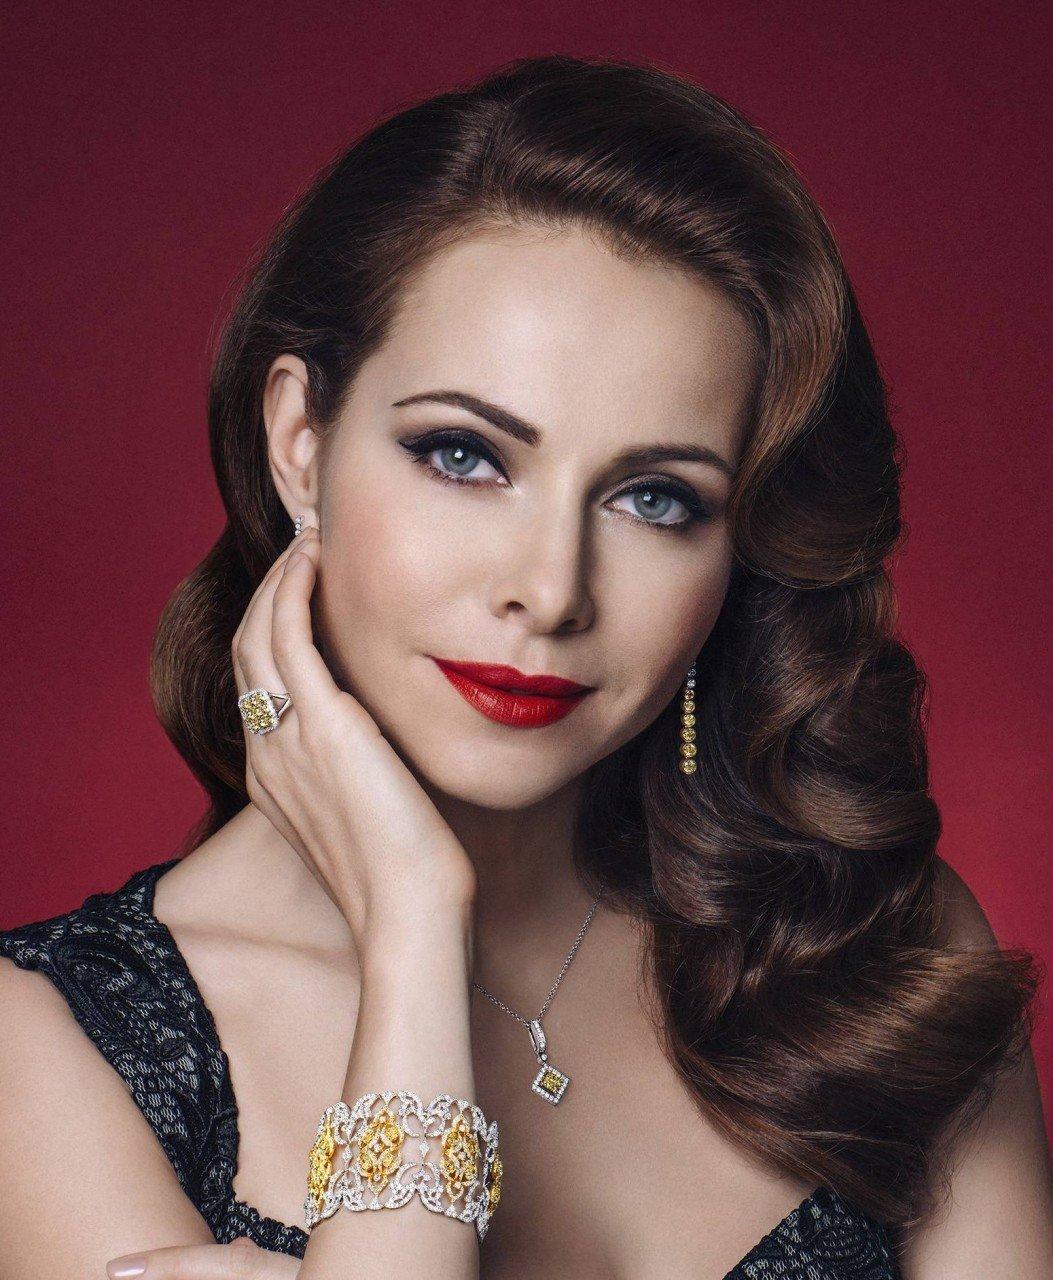 Фото популярных российских актрис